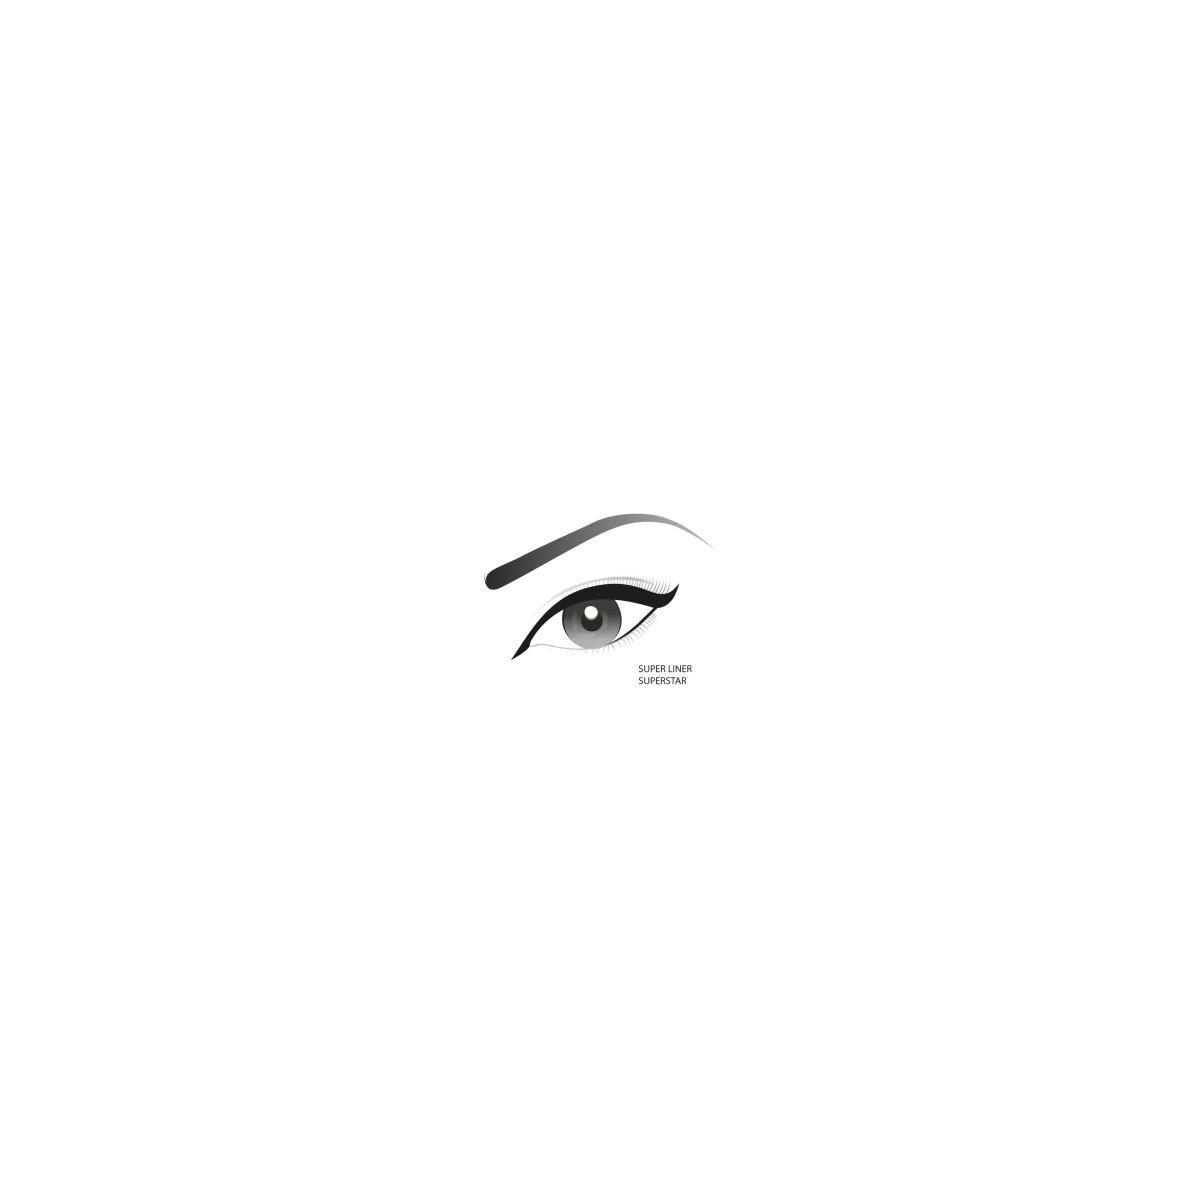 Superliner Superstar Siyah Eyeliner